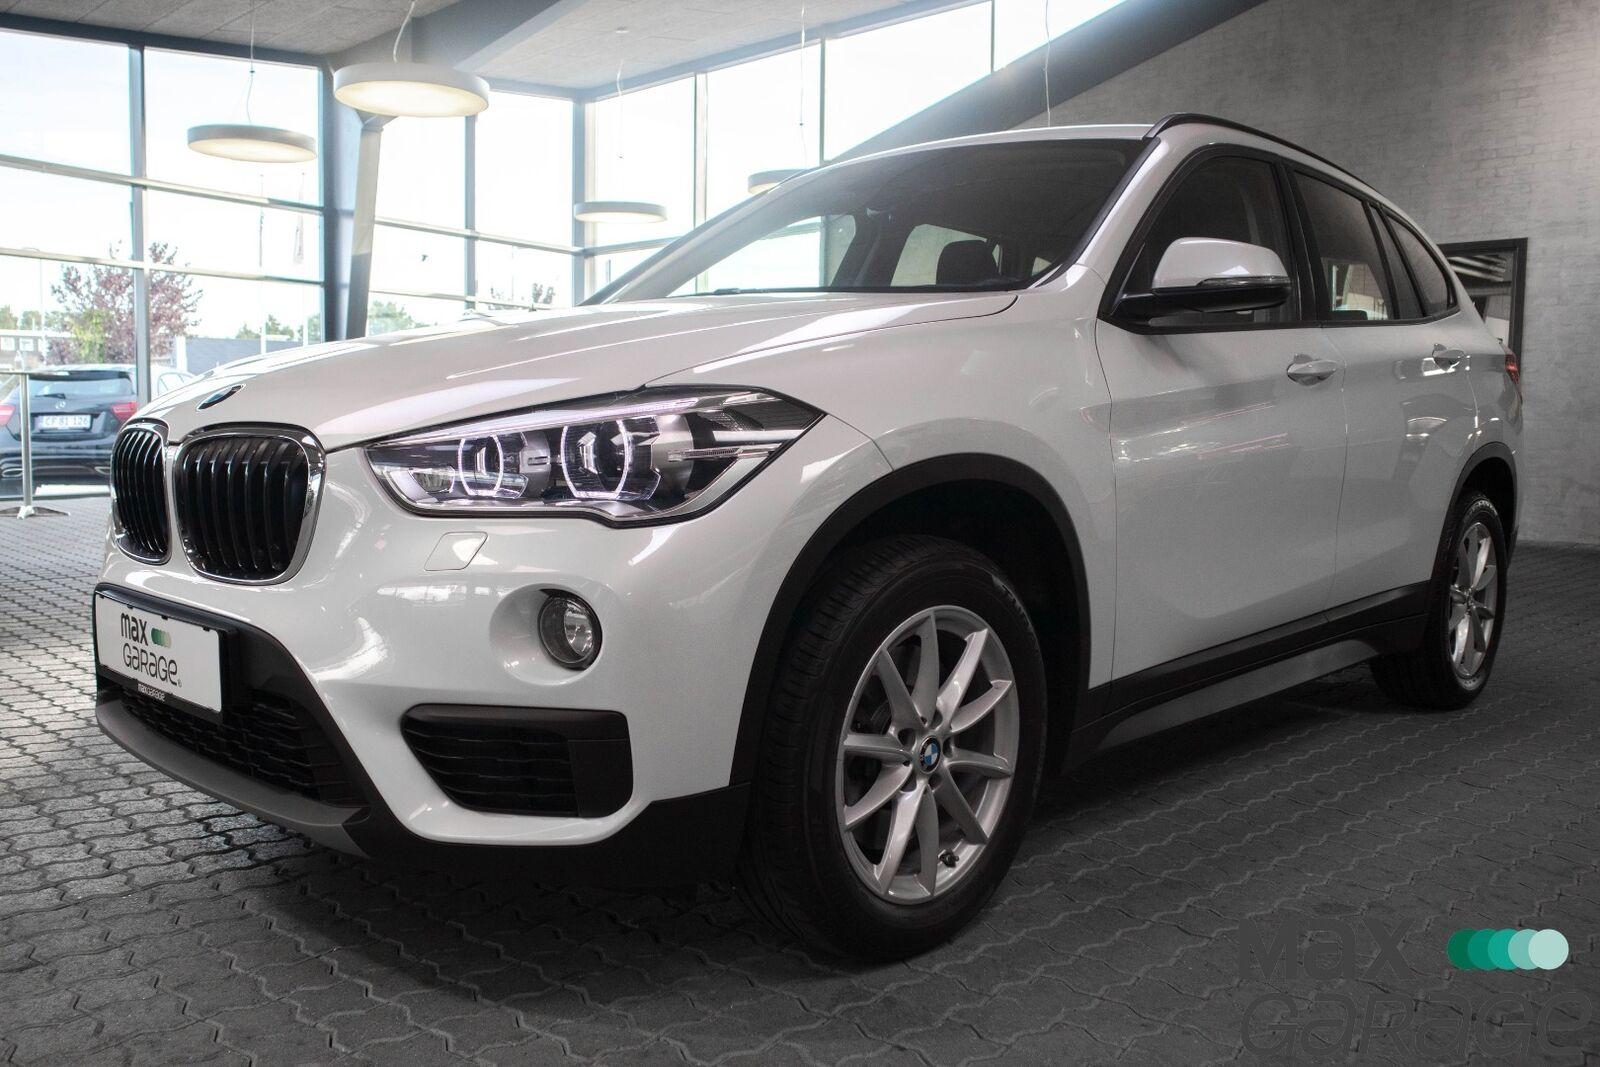 BMW X1 2,0 sDrive20d Advantage aut. 5d - 2.995 kr.